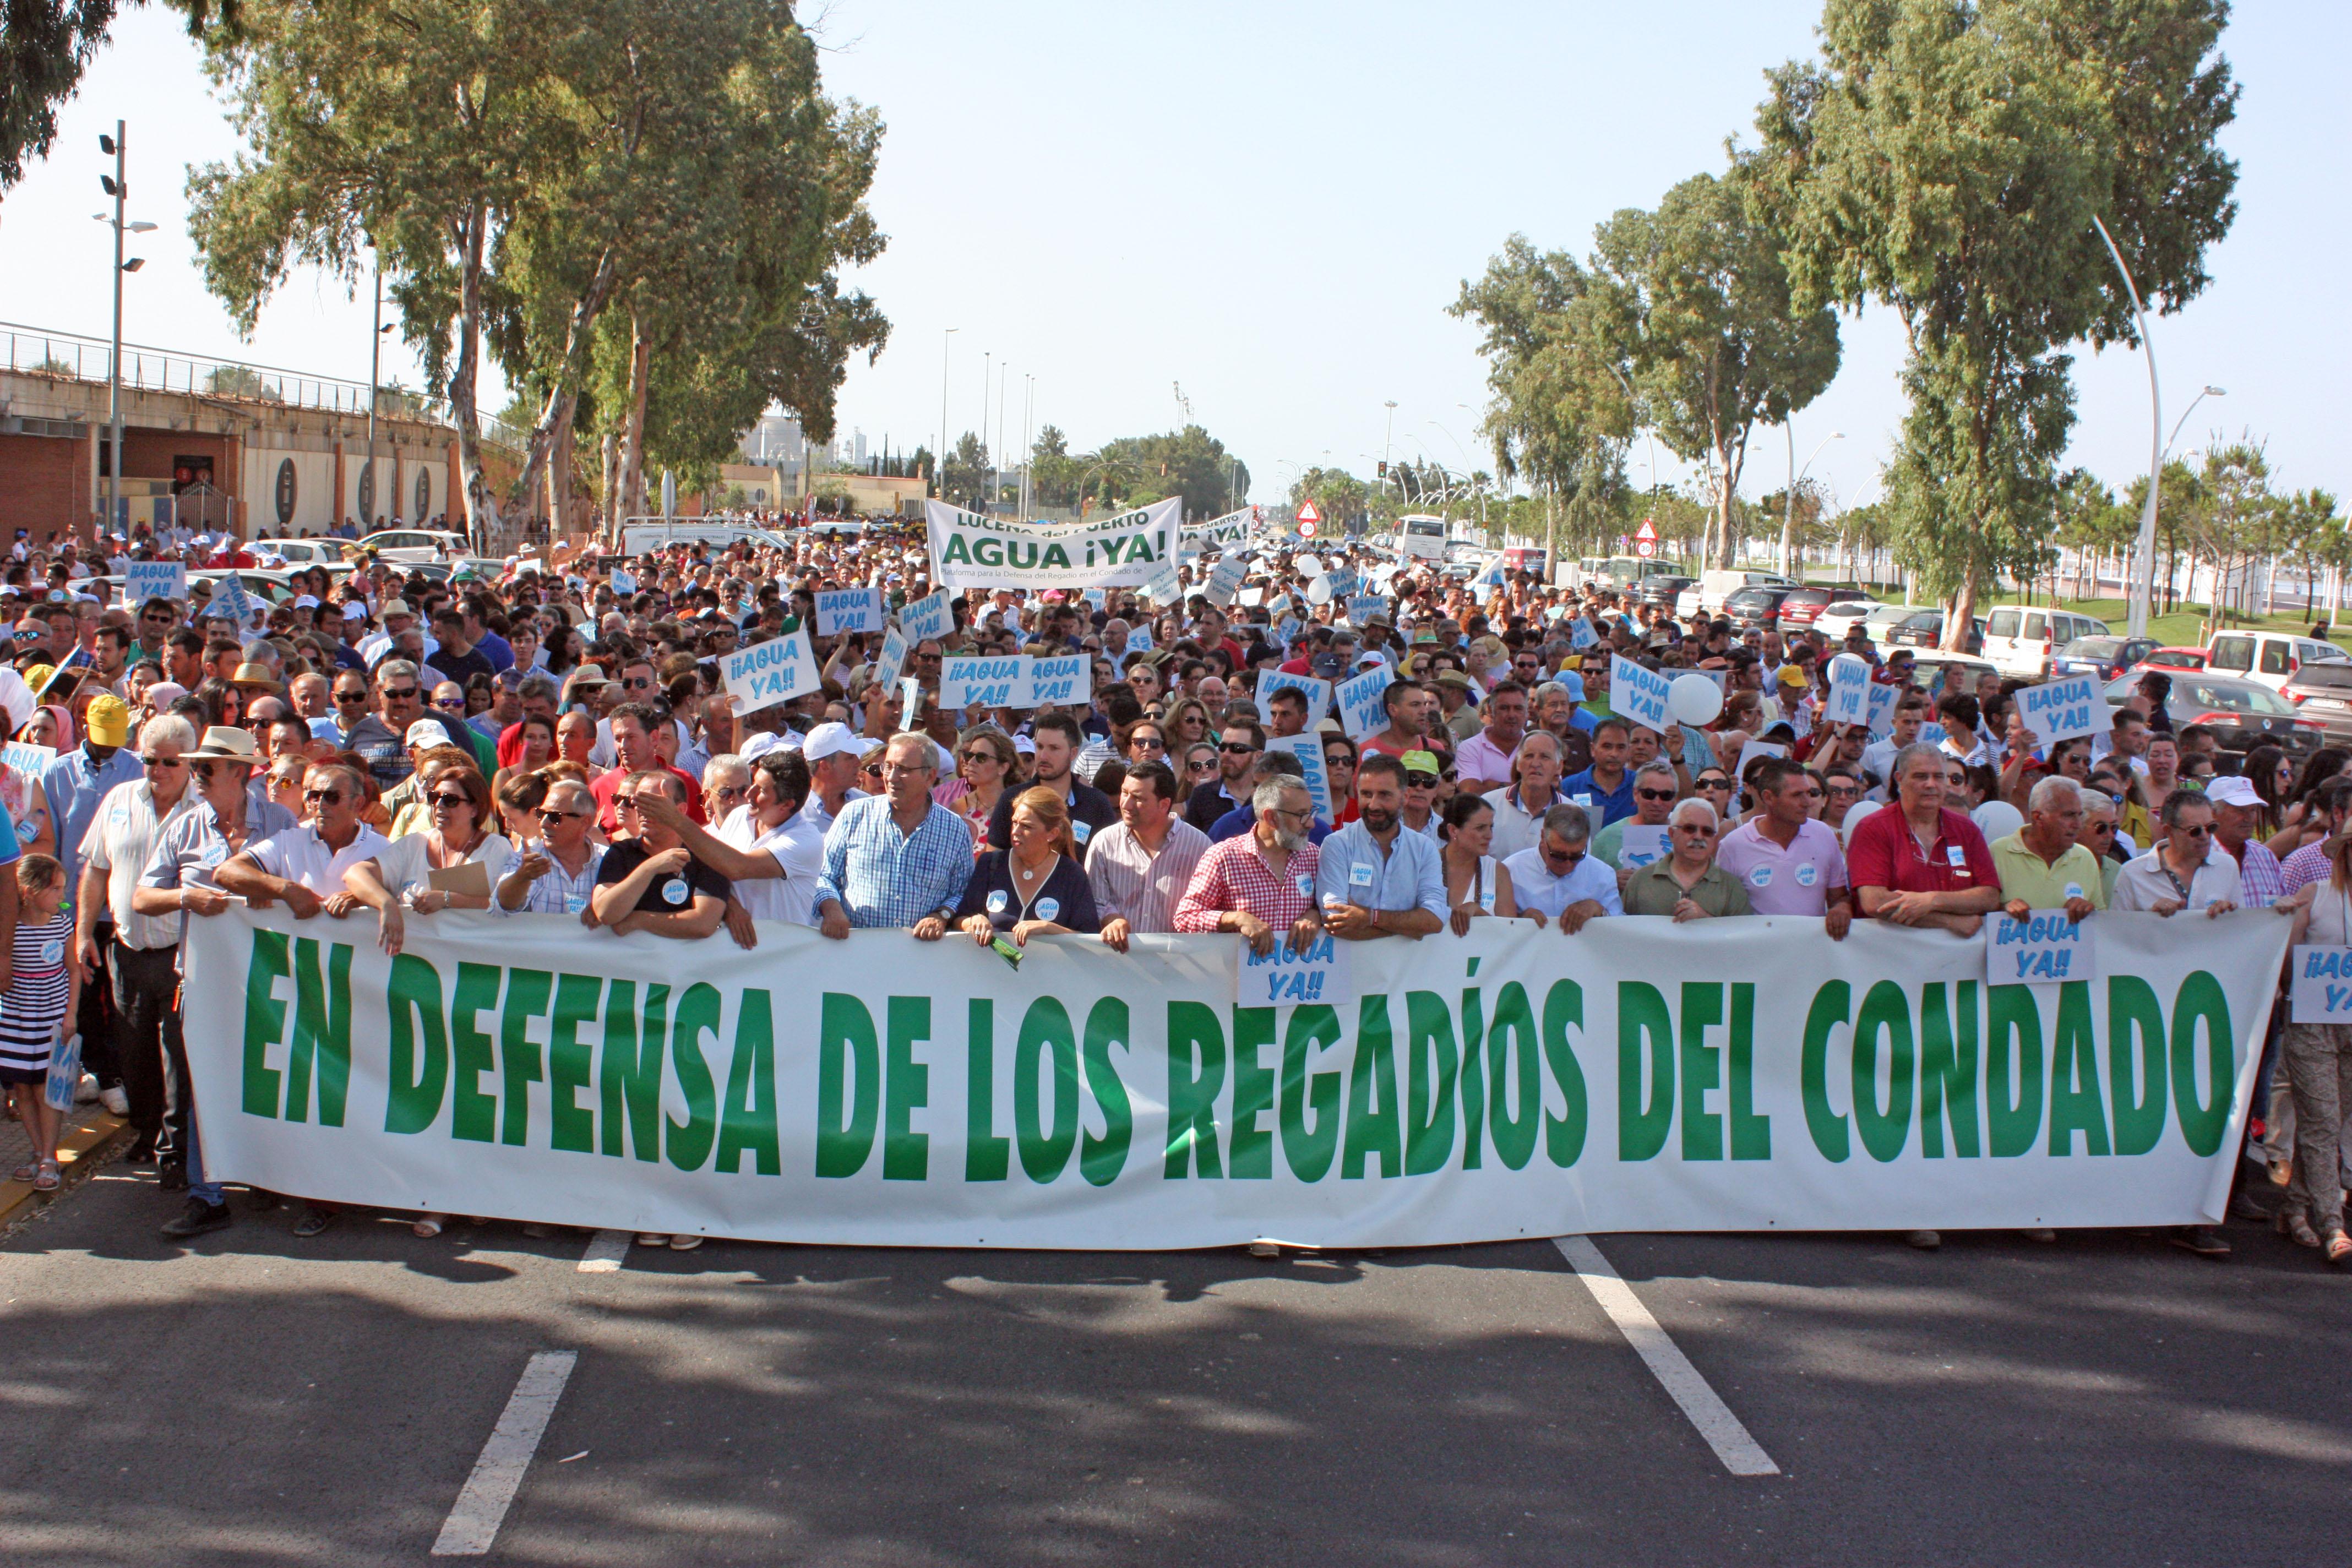 """La Plataforma espera un """"sí rotundo"""" a la Ley del Trasvase en el Congreso de los Diputados"""